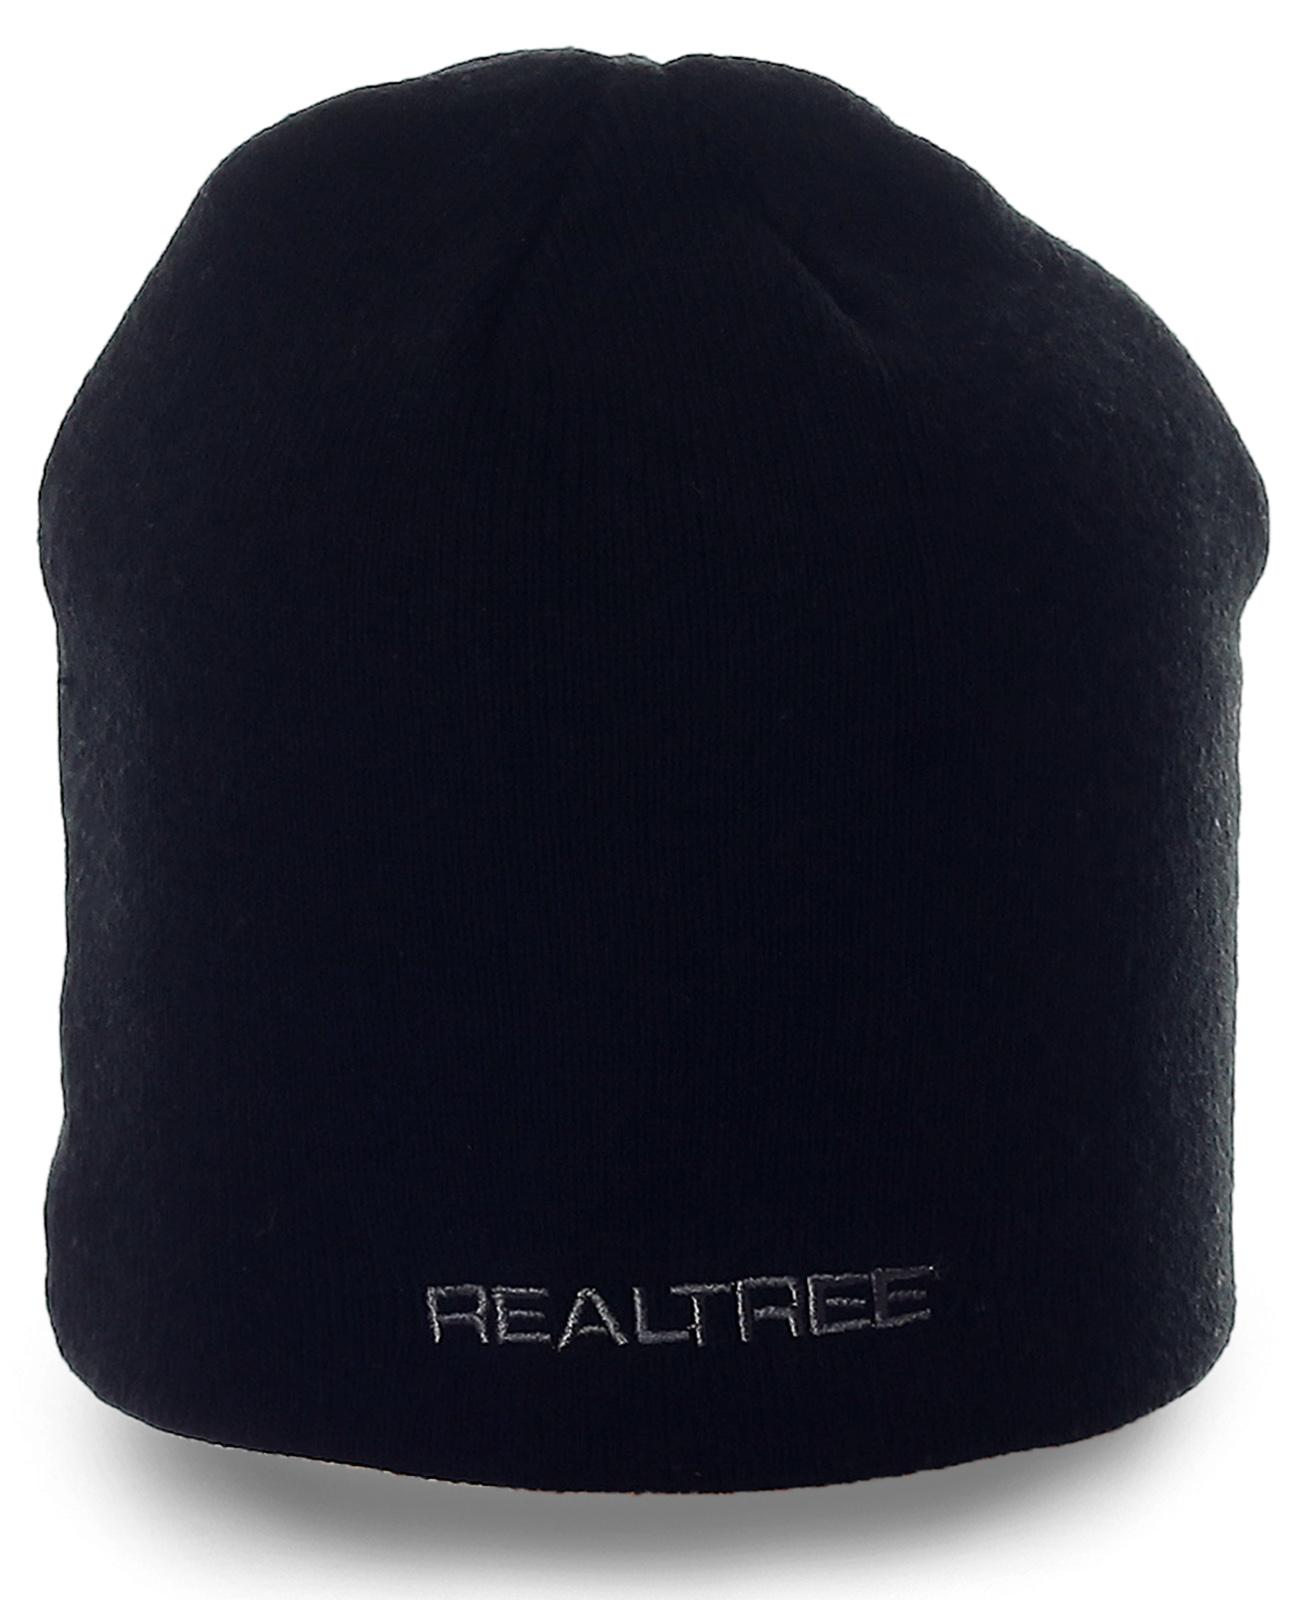 Традиционная мужская черная шапка для ценителей качества